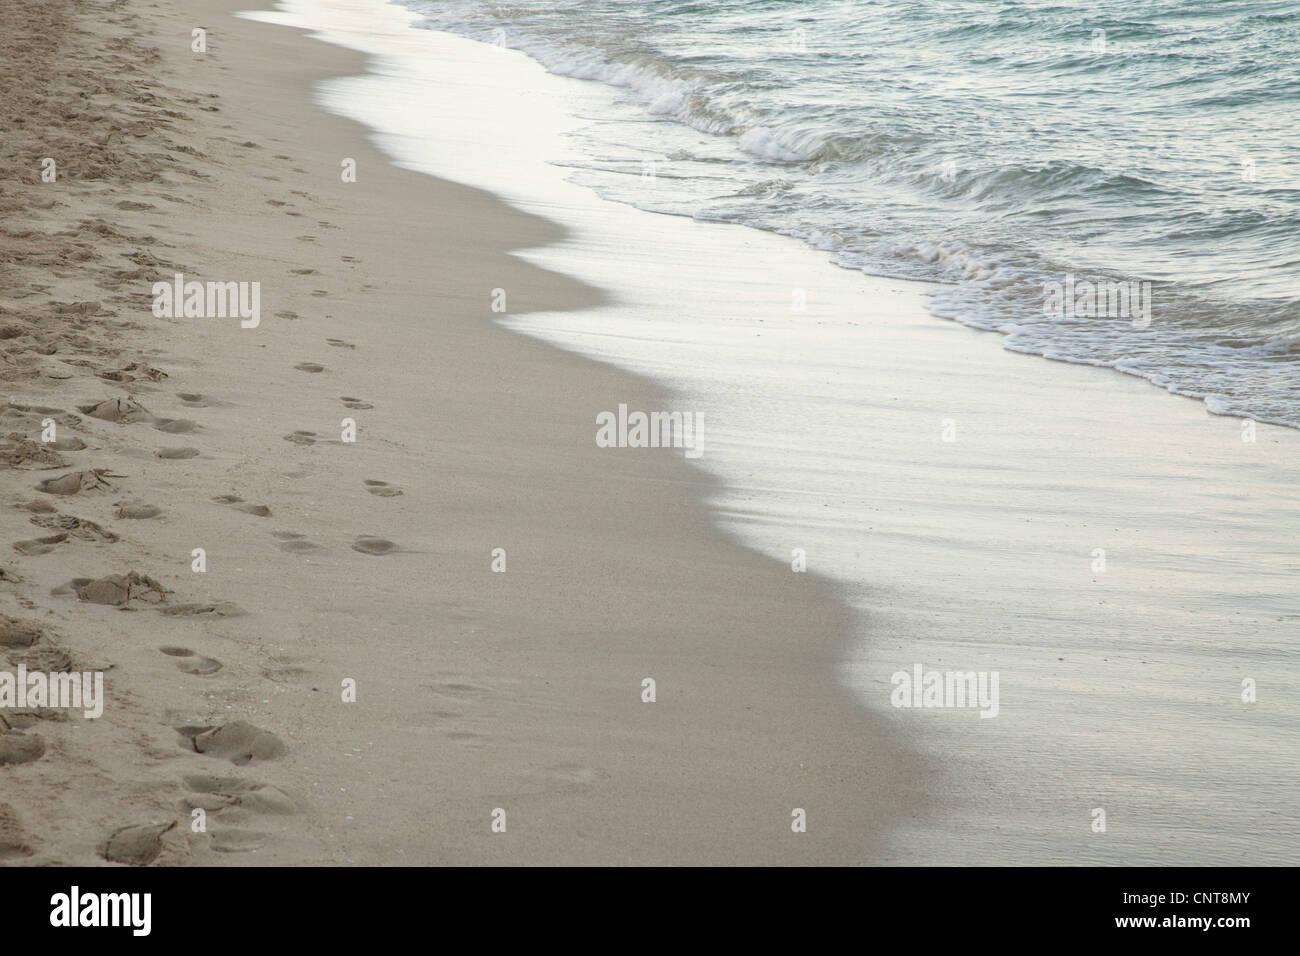 Wave washing onto shore - Stock Image